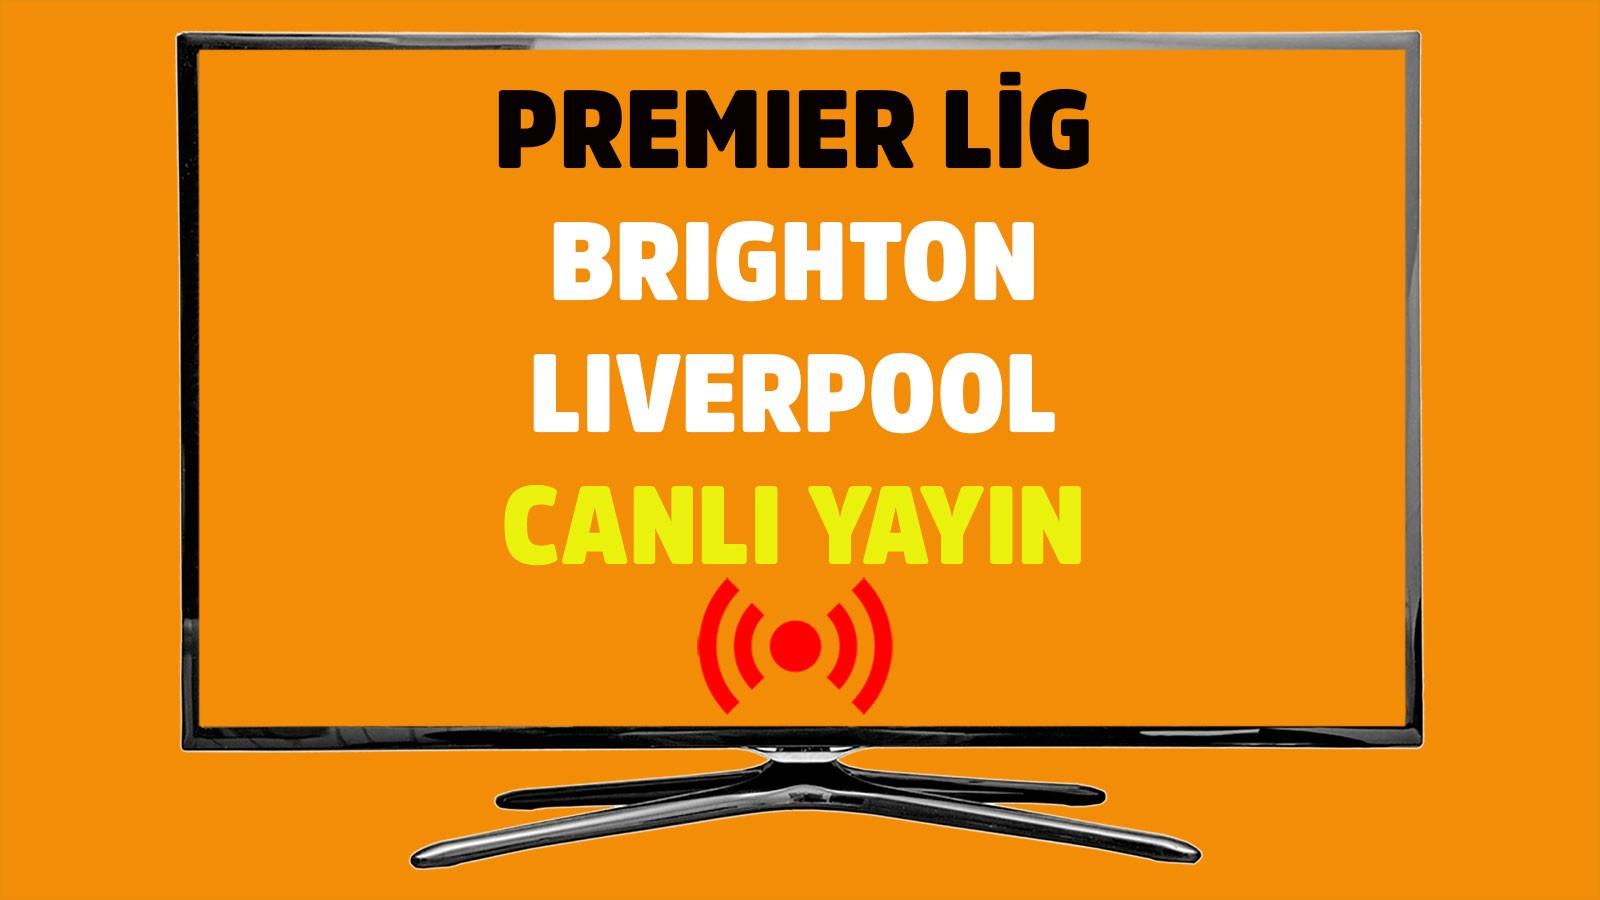 Brighton - Liverpool CANLI